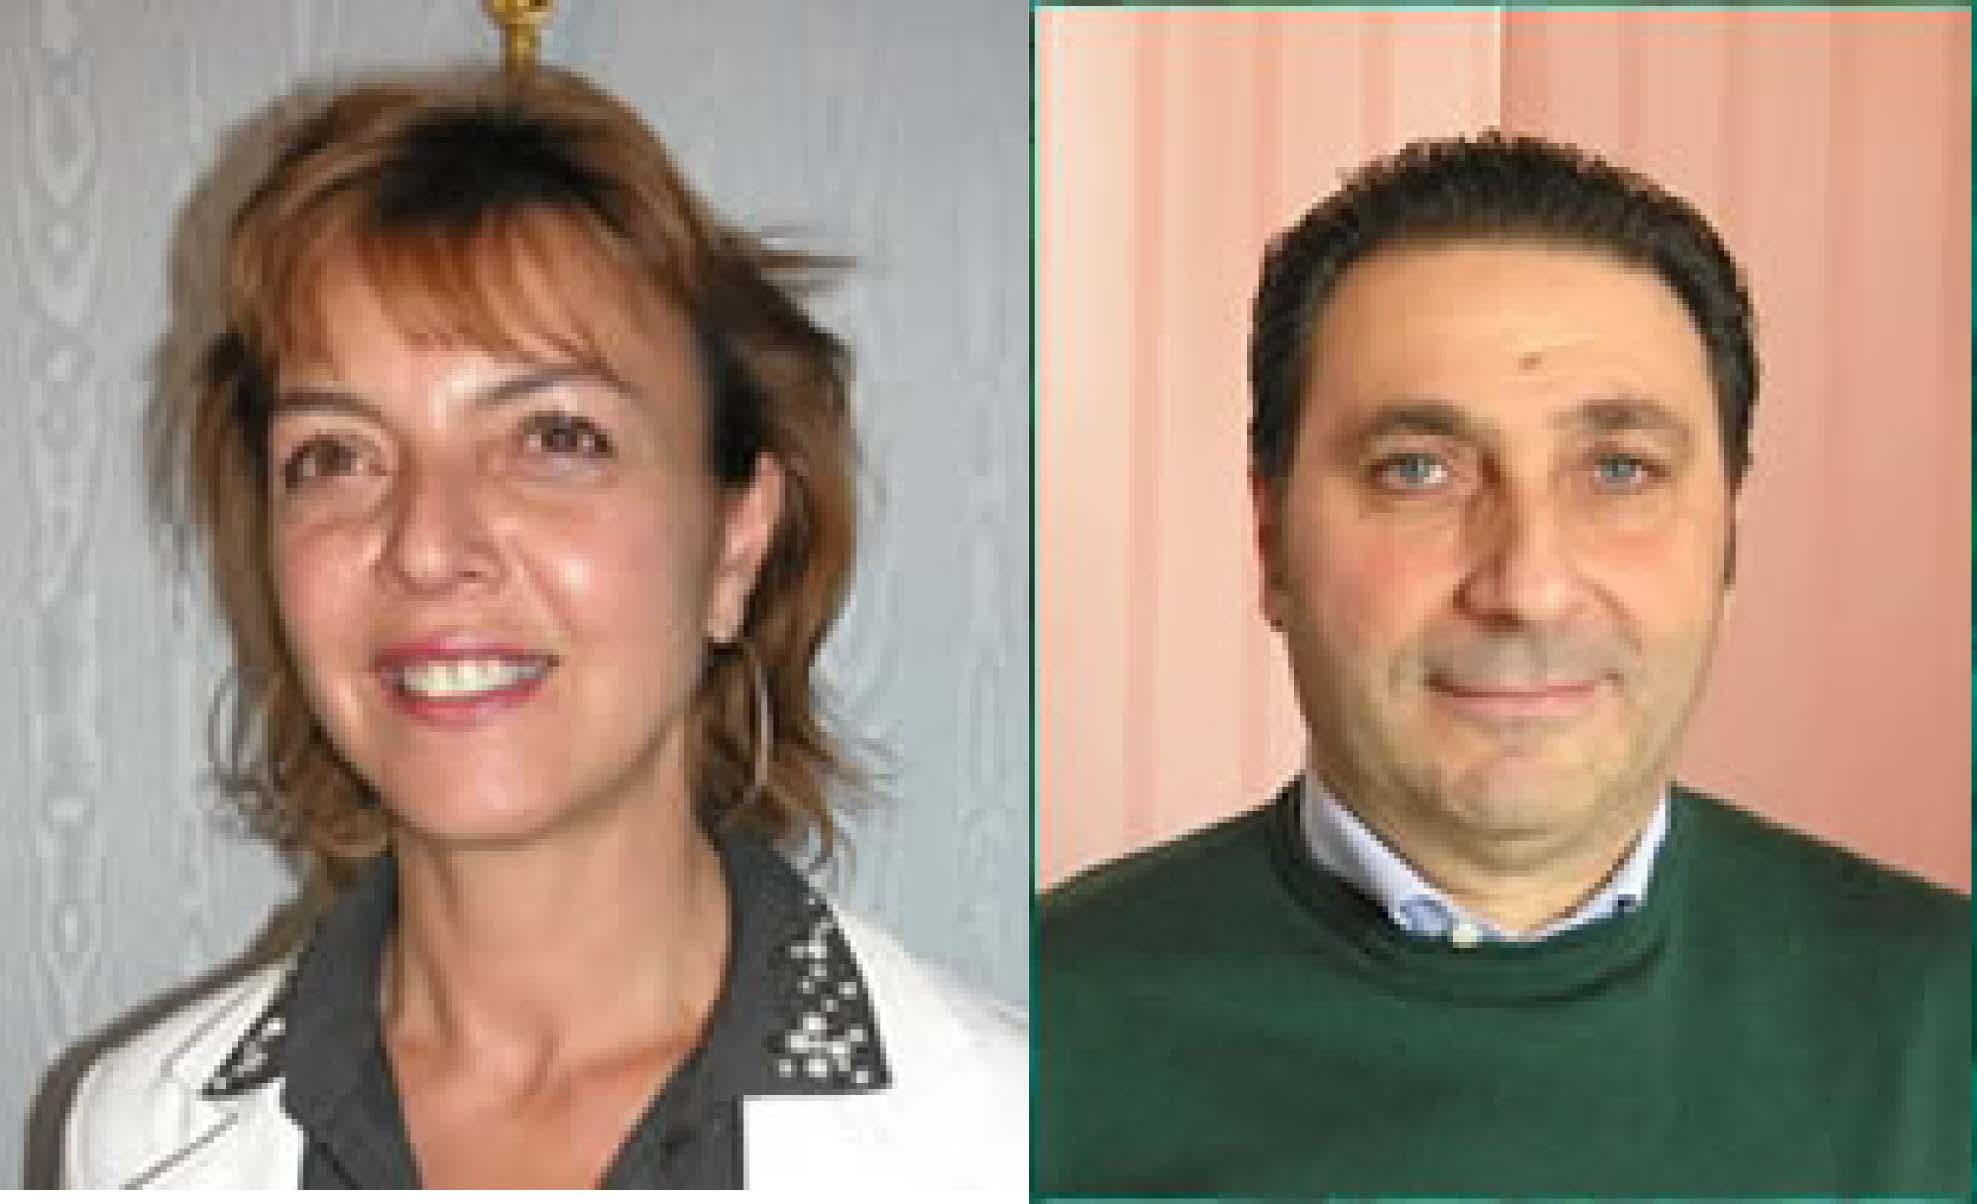 Fuori gli assessori Inferrera e De Martino dalla giunta Damiano